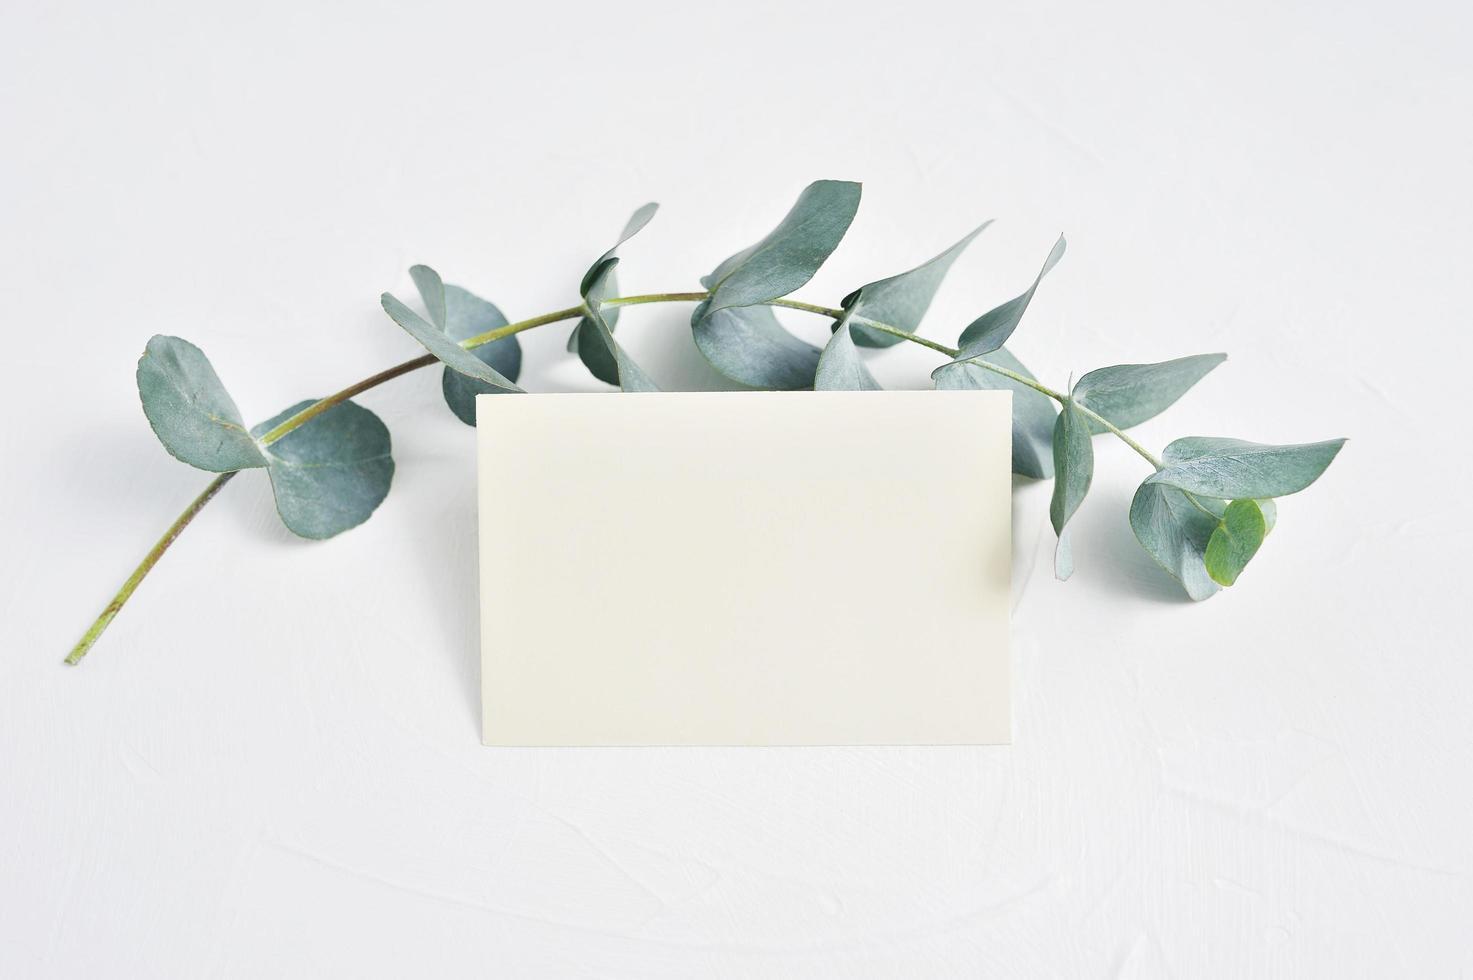 Modell von Eukalyptusblättern und Papier foto